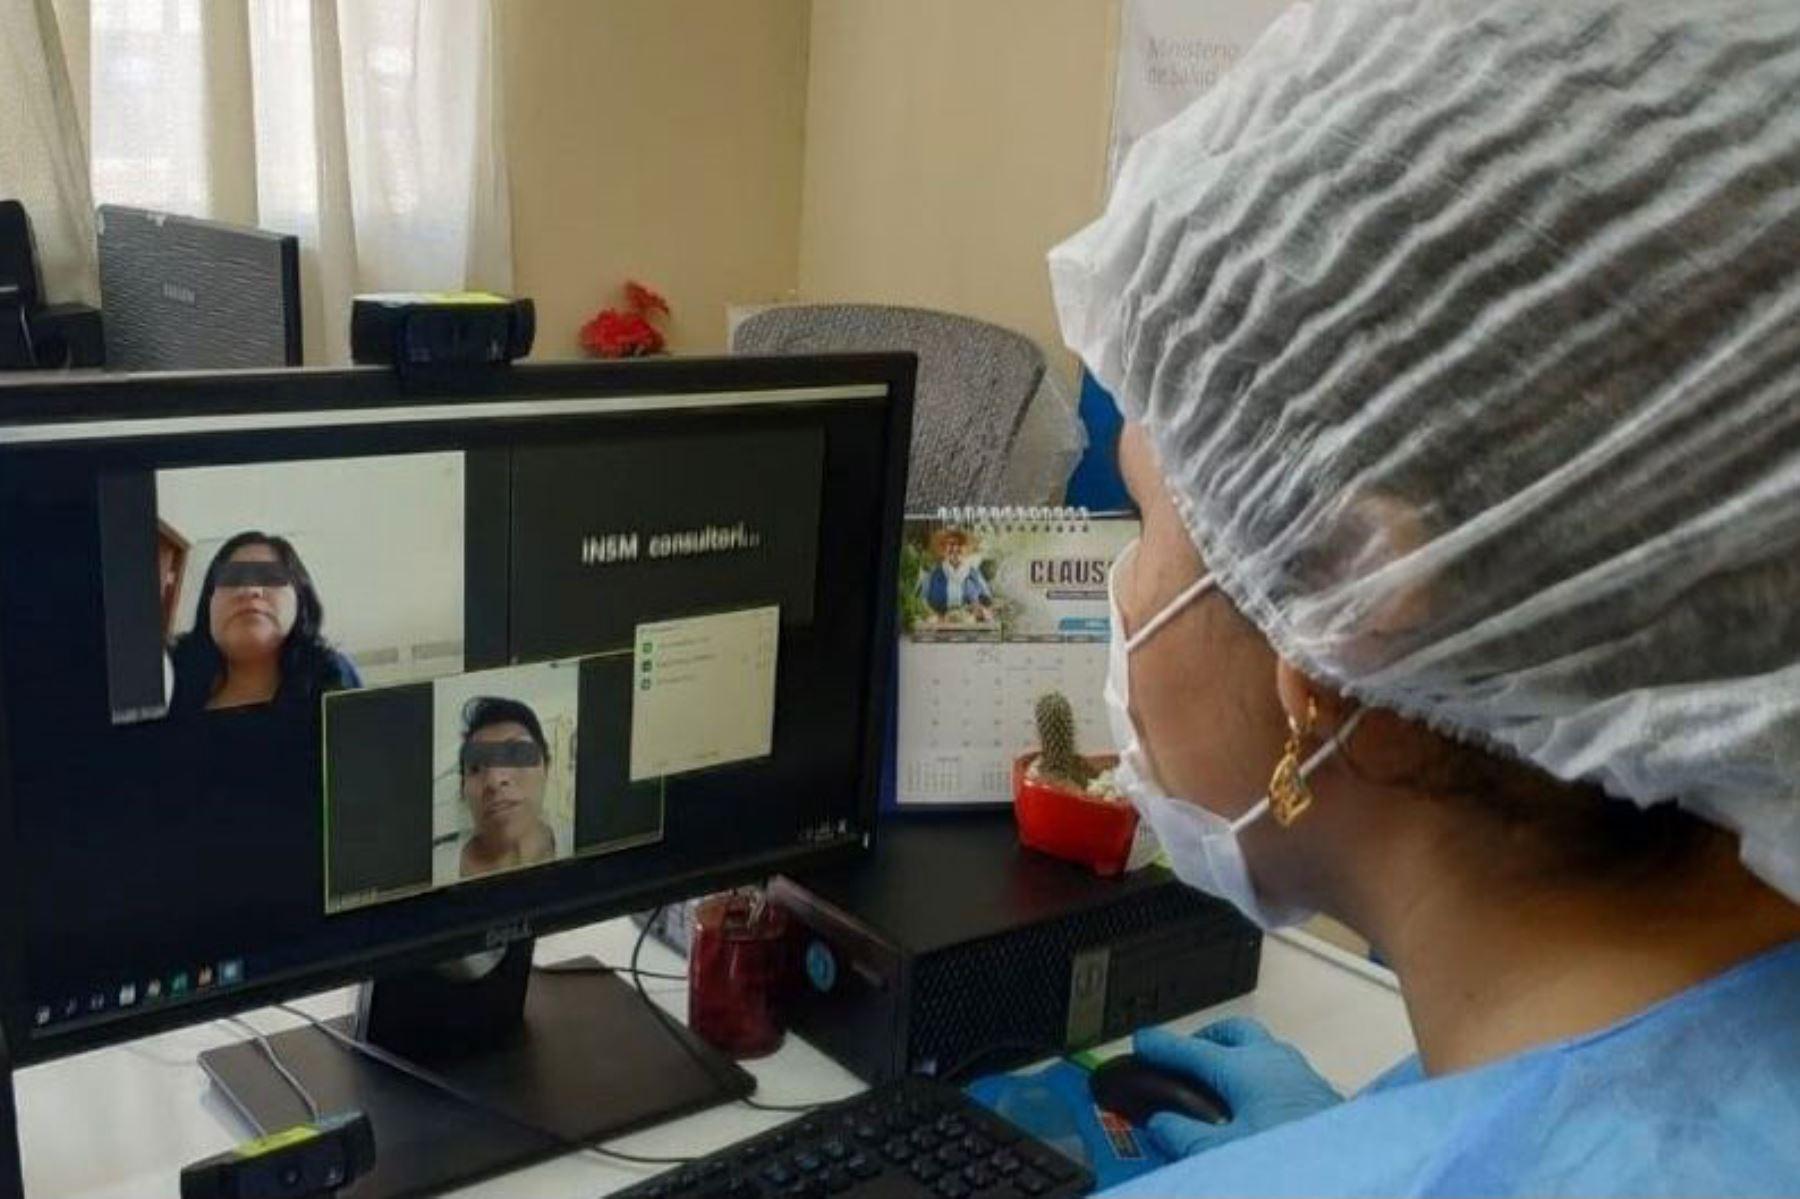 La teleatención está demostrando ser un medio muy eficaz para llegar a todos los pacientes, inclusive de regiones y zonas alejadas del país, que continúan su tratamiento y han reducido la deserción. Foto: ANDINA/INSM